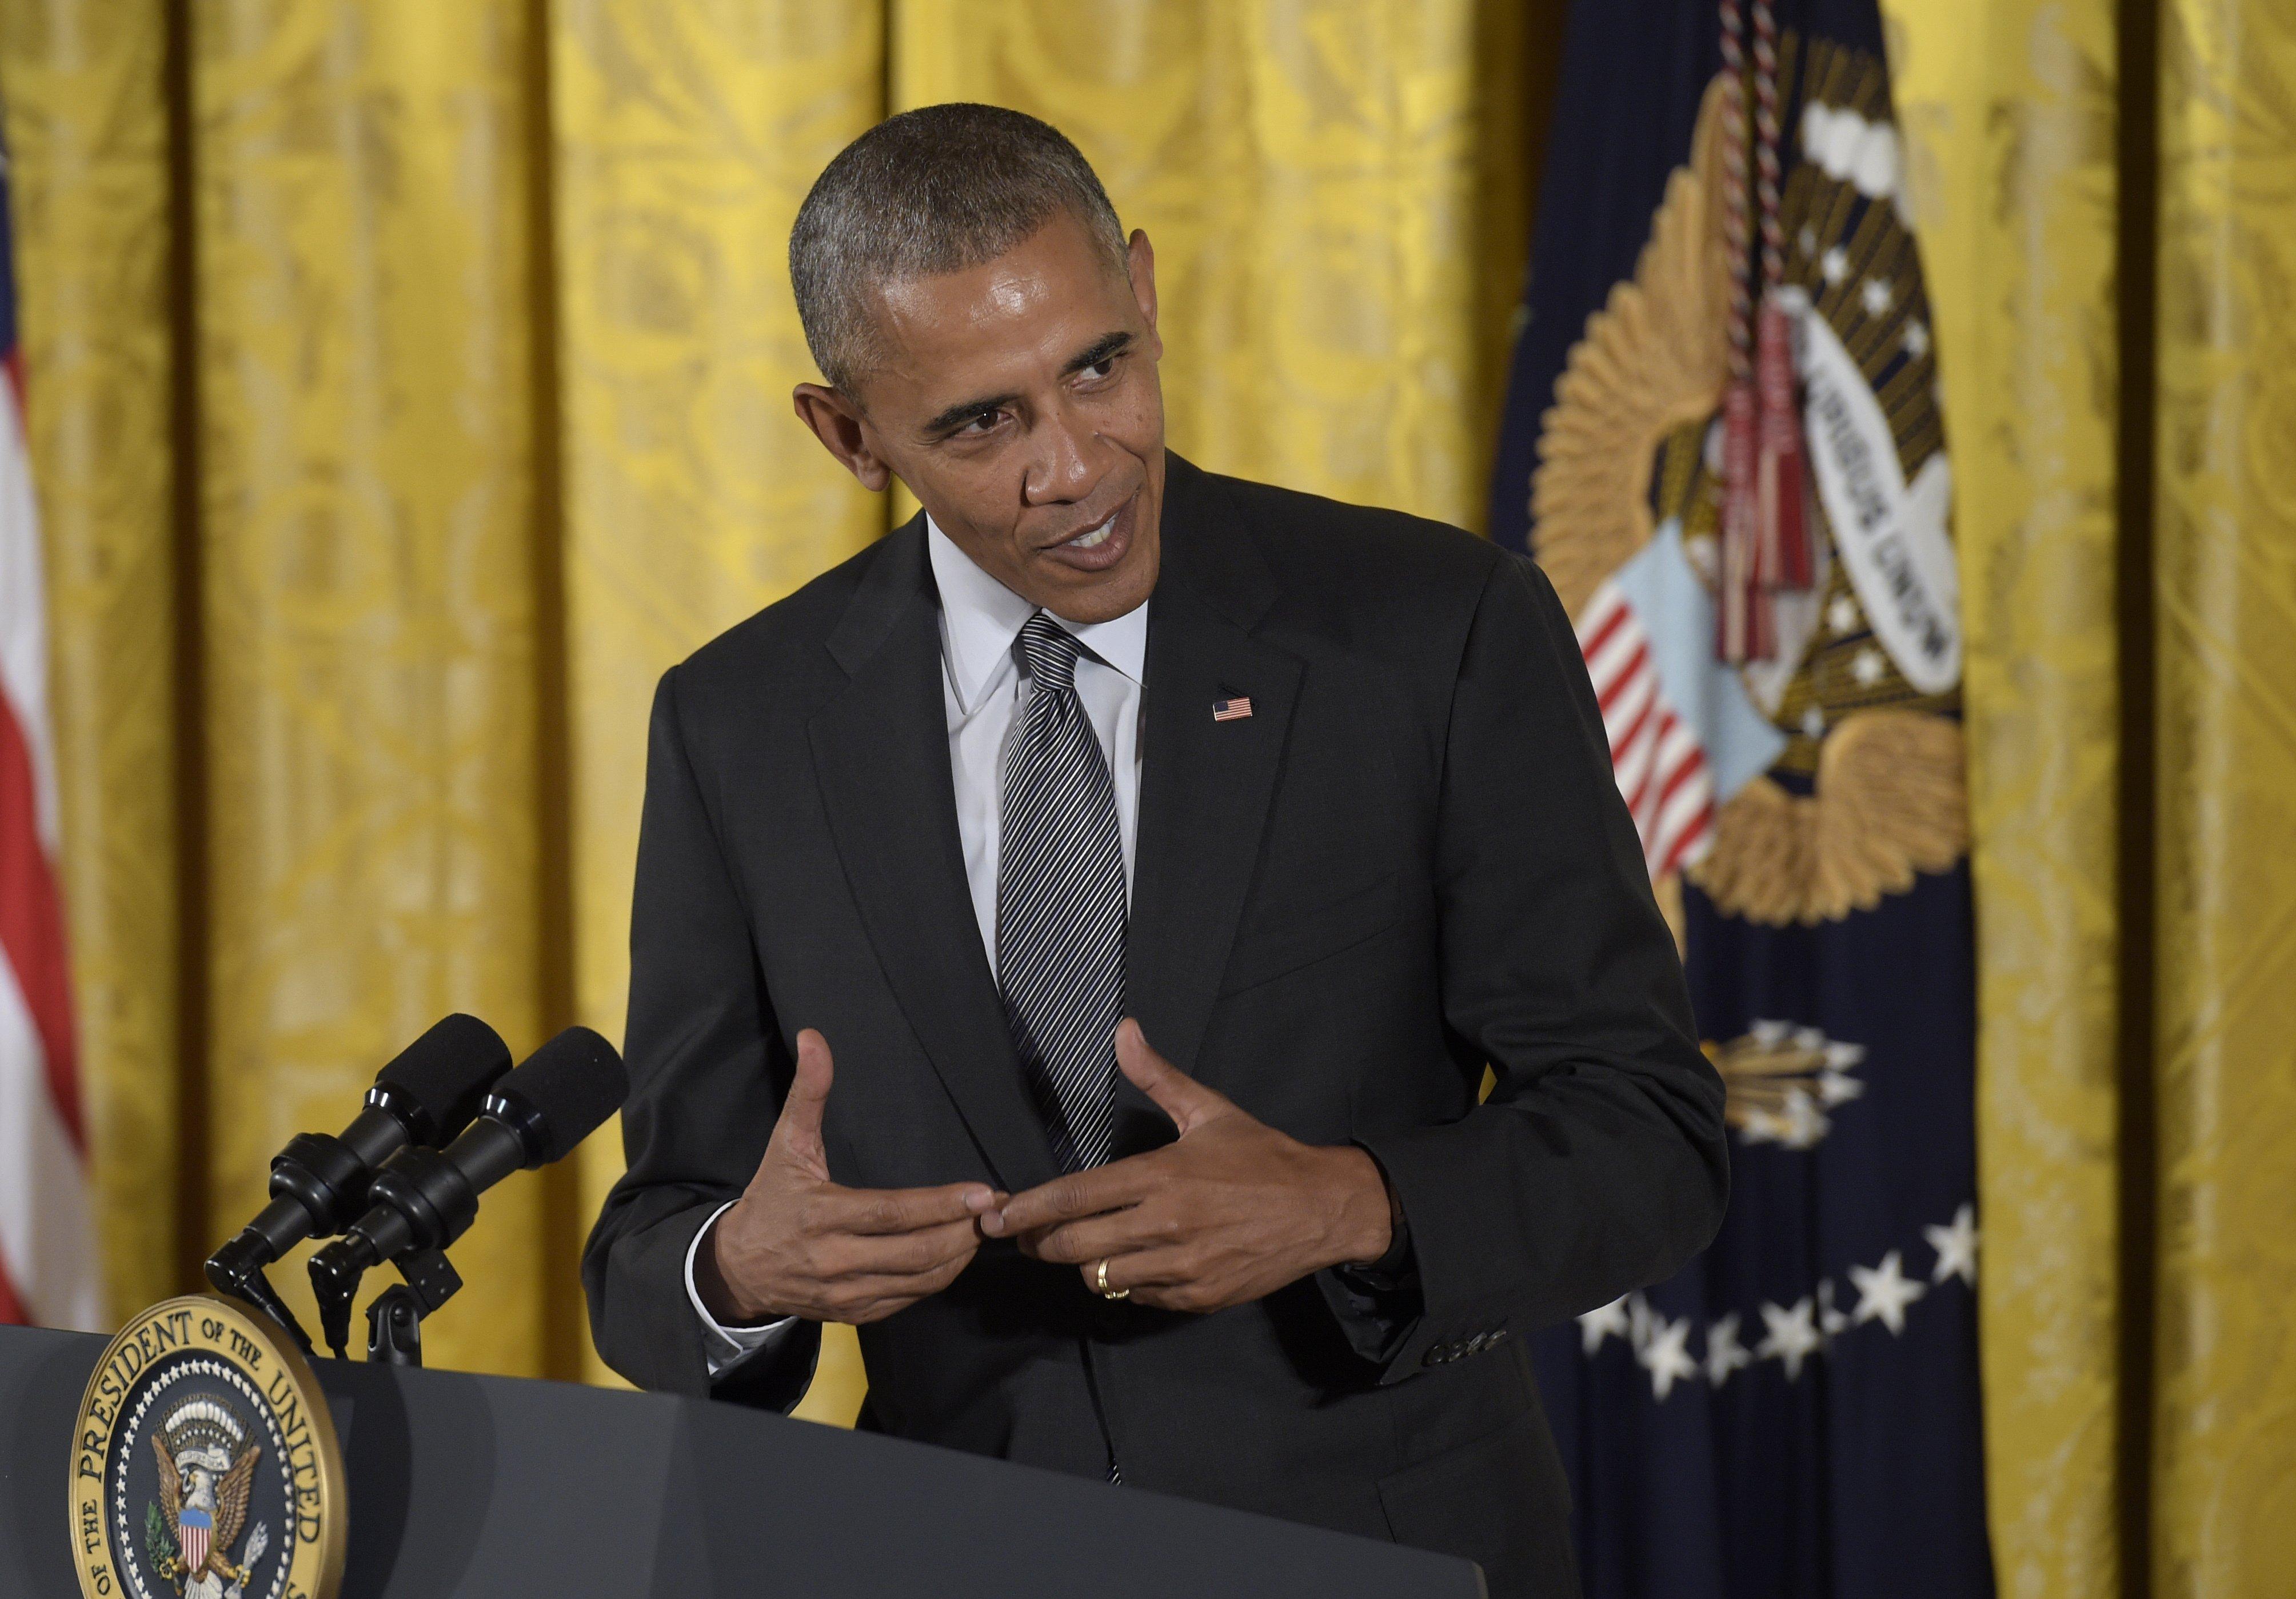 President Barack Obama speaks in the East Room of the White House in Washington, Sept. 22, 2016.